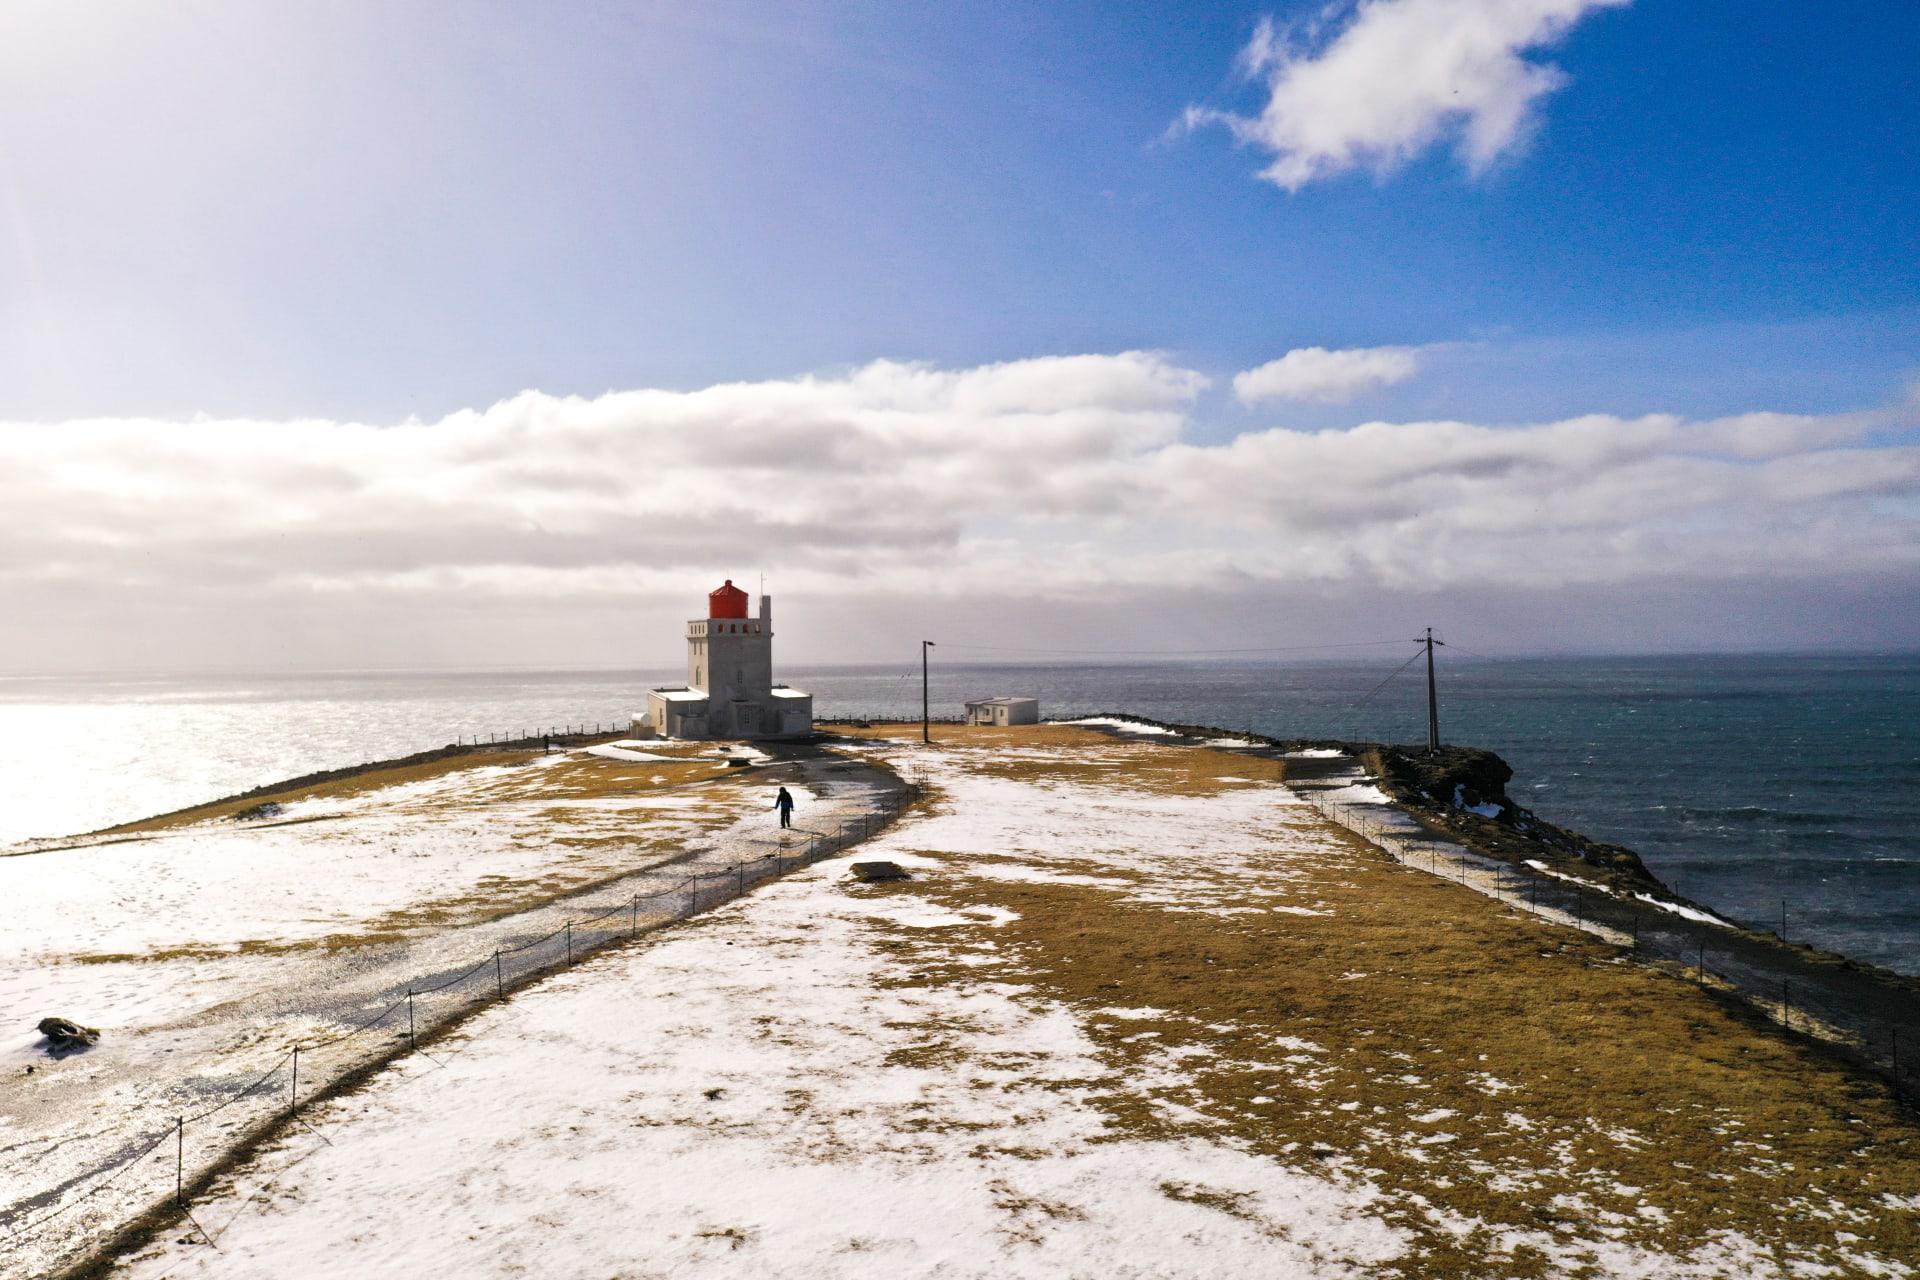 من شلالاتها لرمالها السوداء.. مصري يوثق سحر أيسلندا من الجو في مقارنة بصرية ساحرة